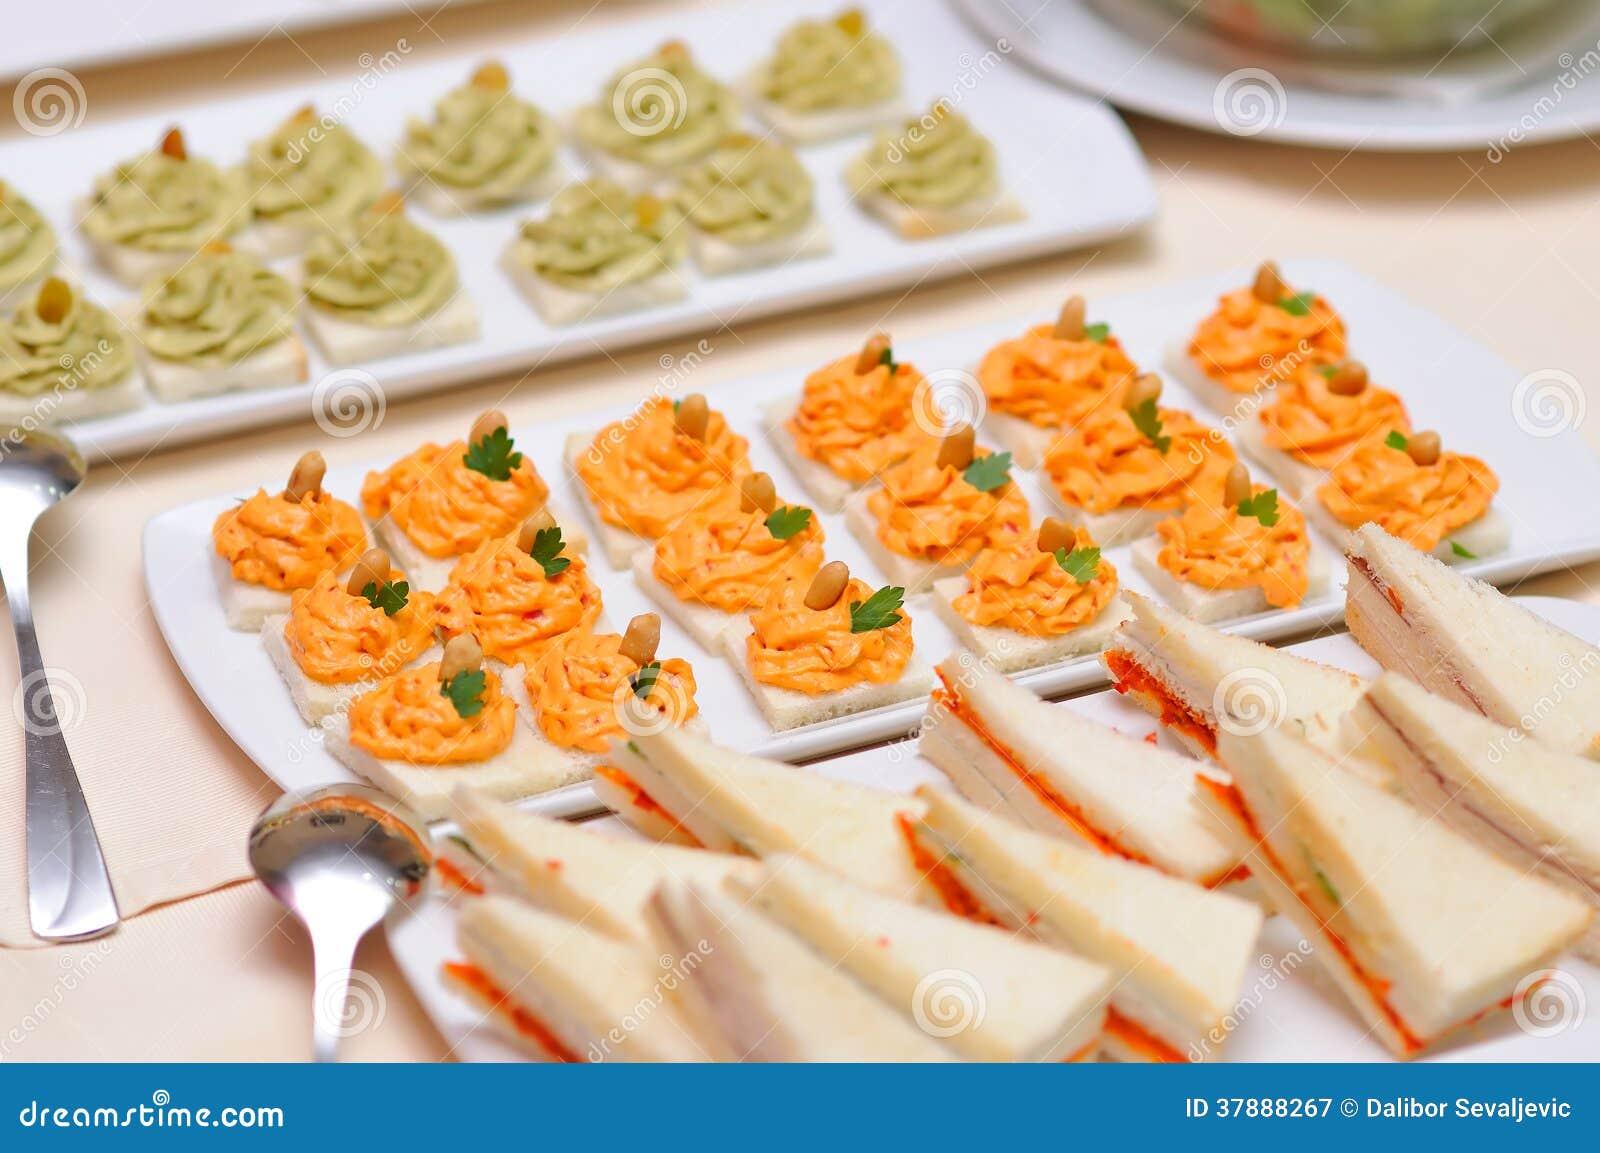 De close-up van het cateringsvoedsel